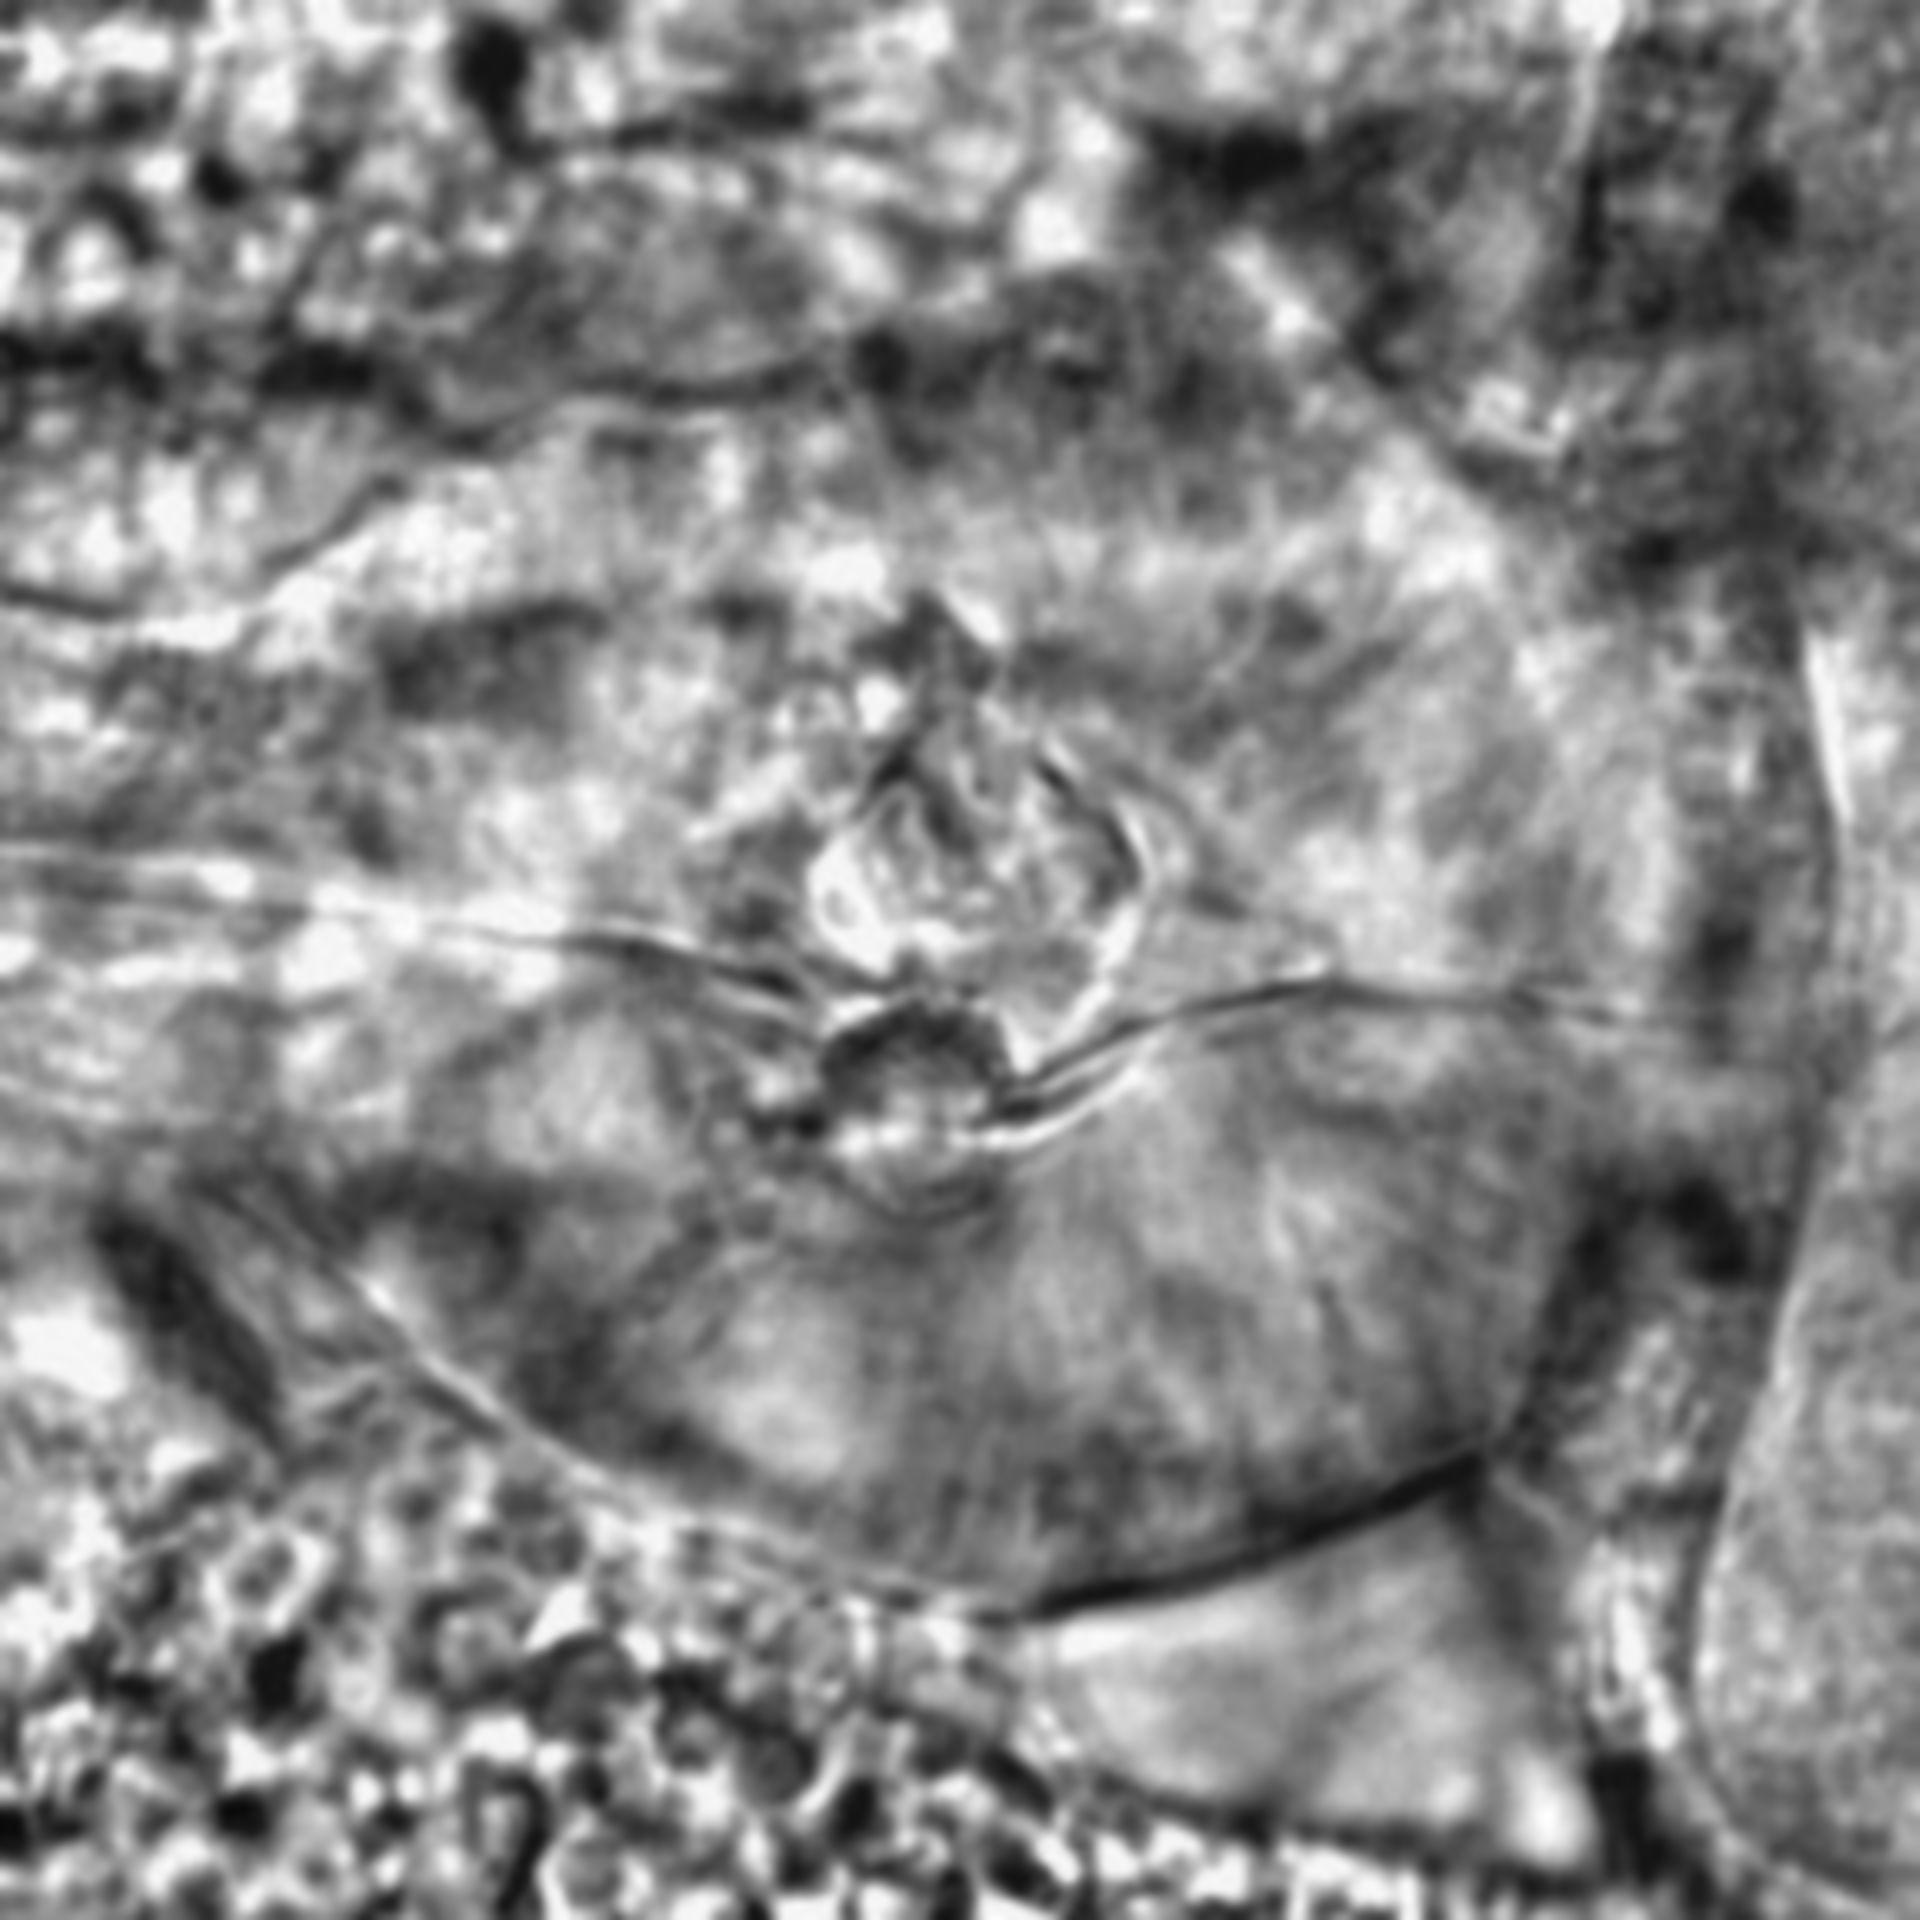 Caenorhabditis elegans - CIL:2181